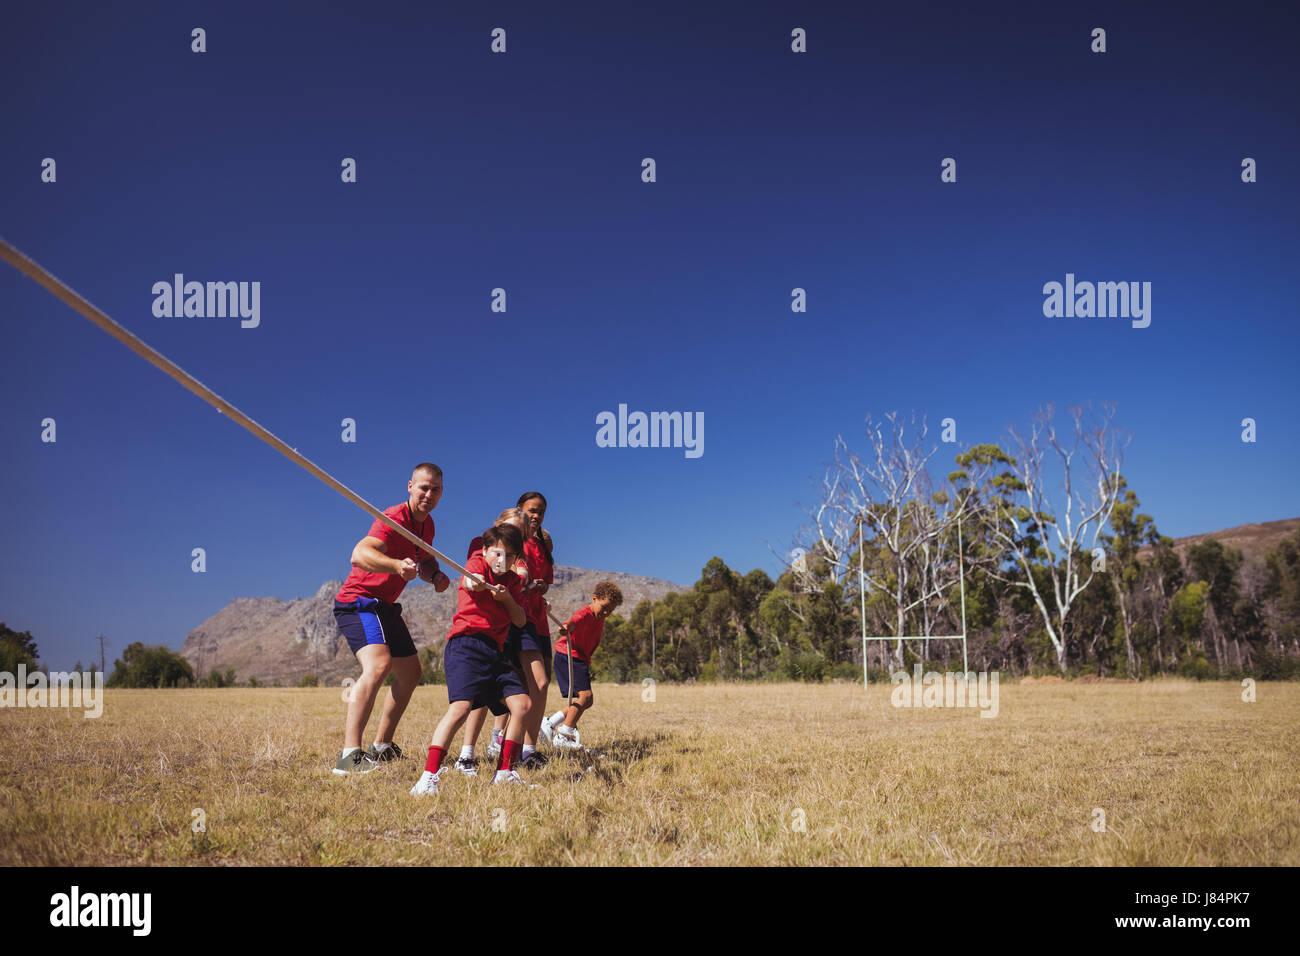 Trainer unterstützen Kinder im Tauziehen beim Hindernis-Parcours-Training im Boot camp Stockbild